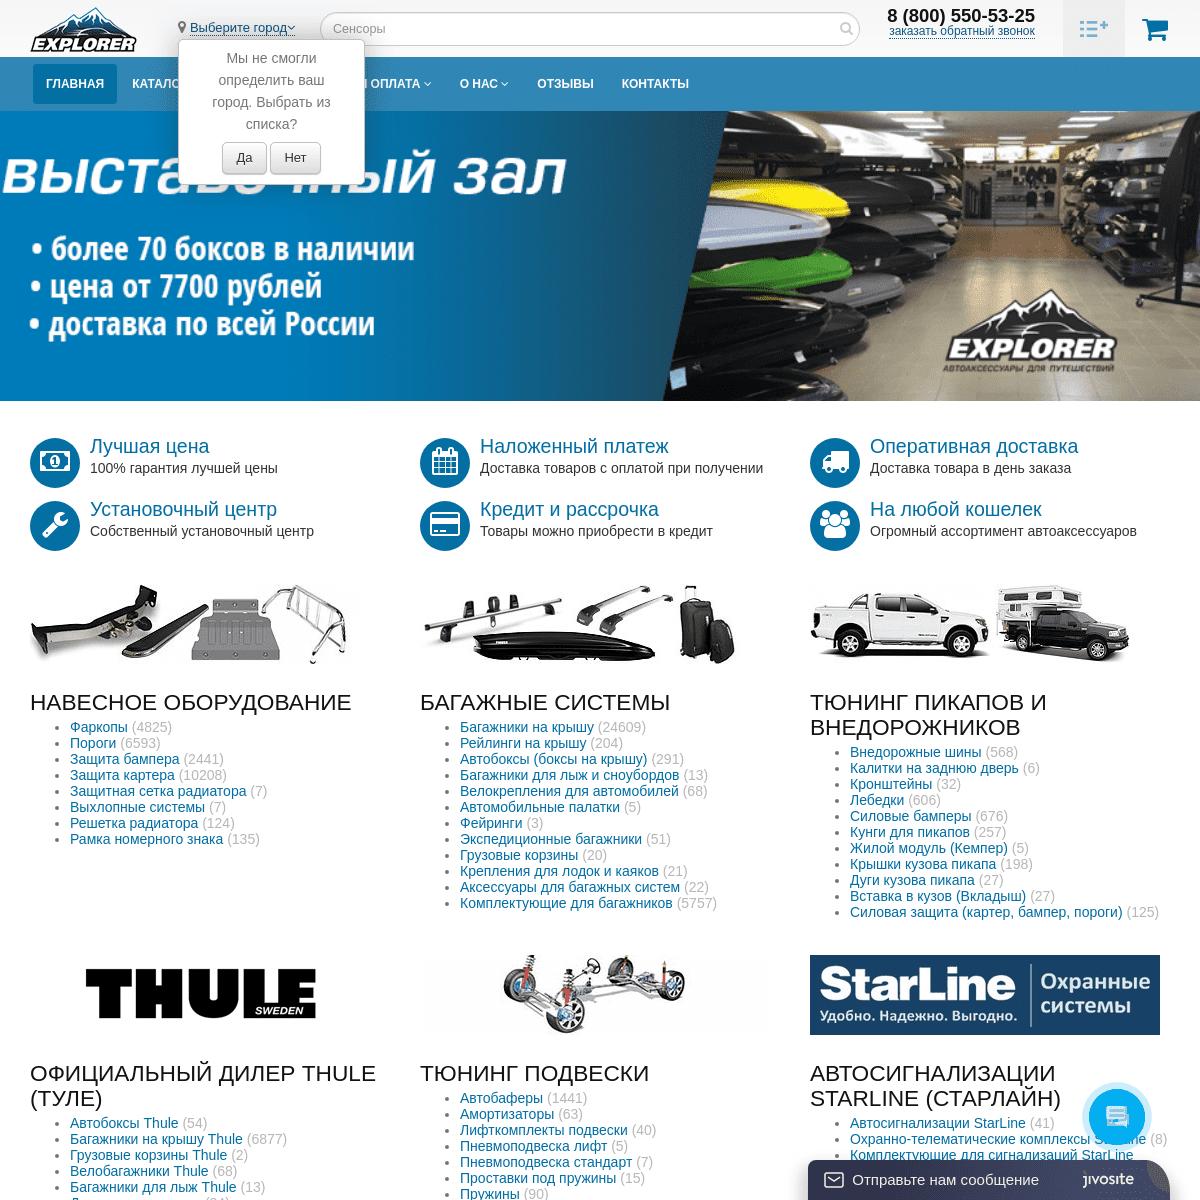 Explorer🚗 купить - цены в интернет-магазине Explorer